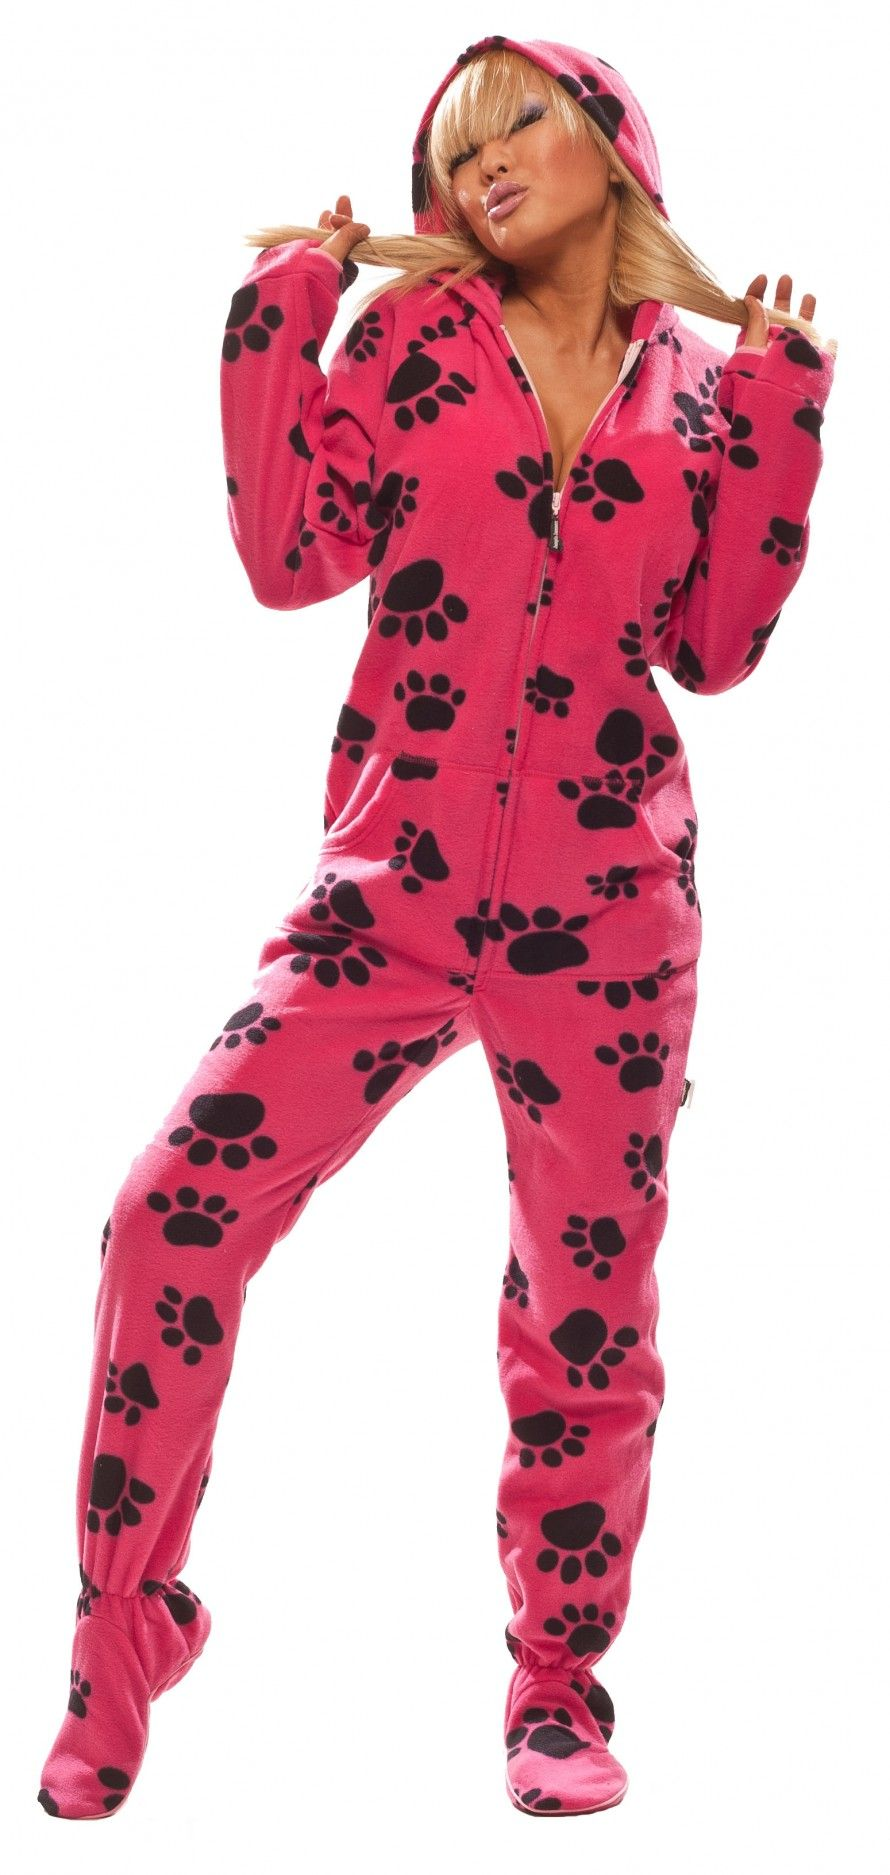 99ee316f3690 Hot Paws - Hooded Footed Pajamas - Pajamas Footie PJs Onesies One ...